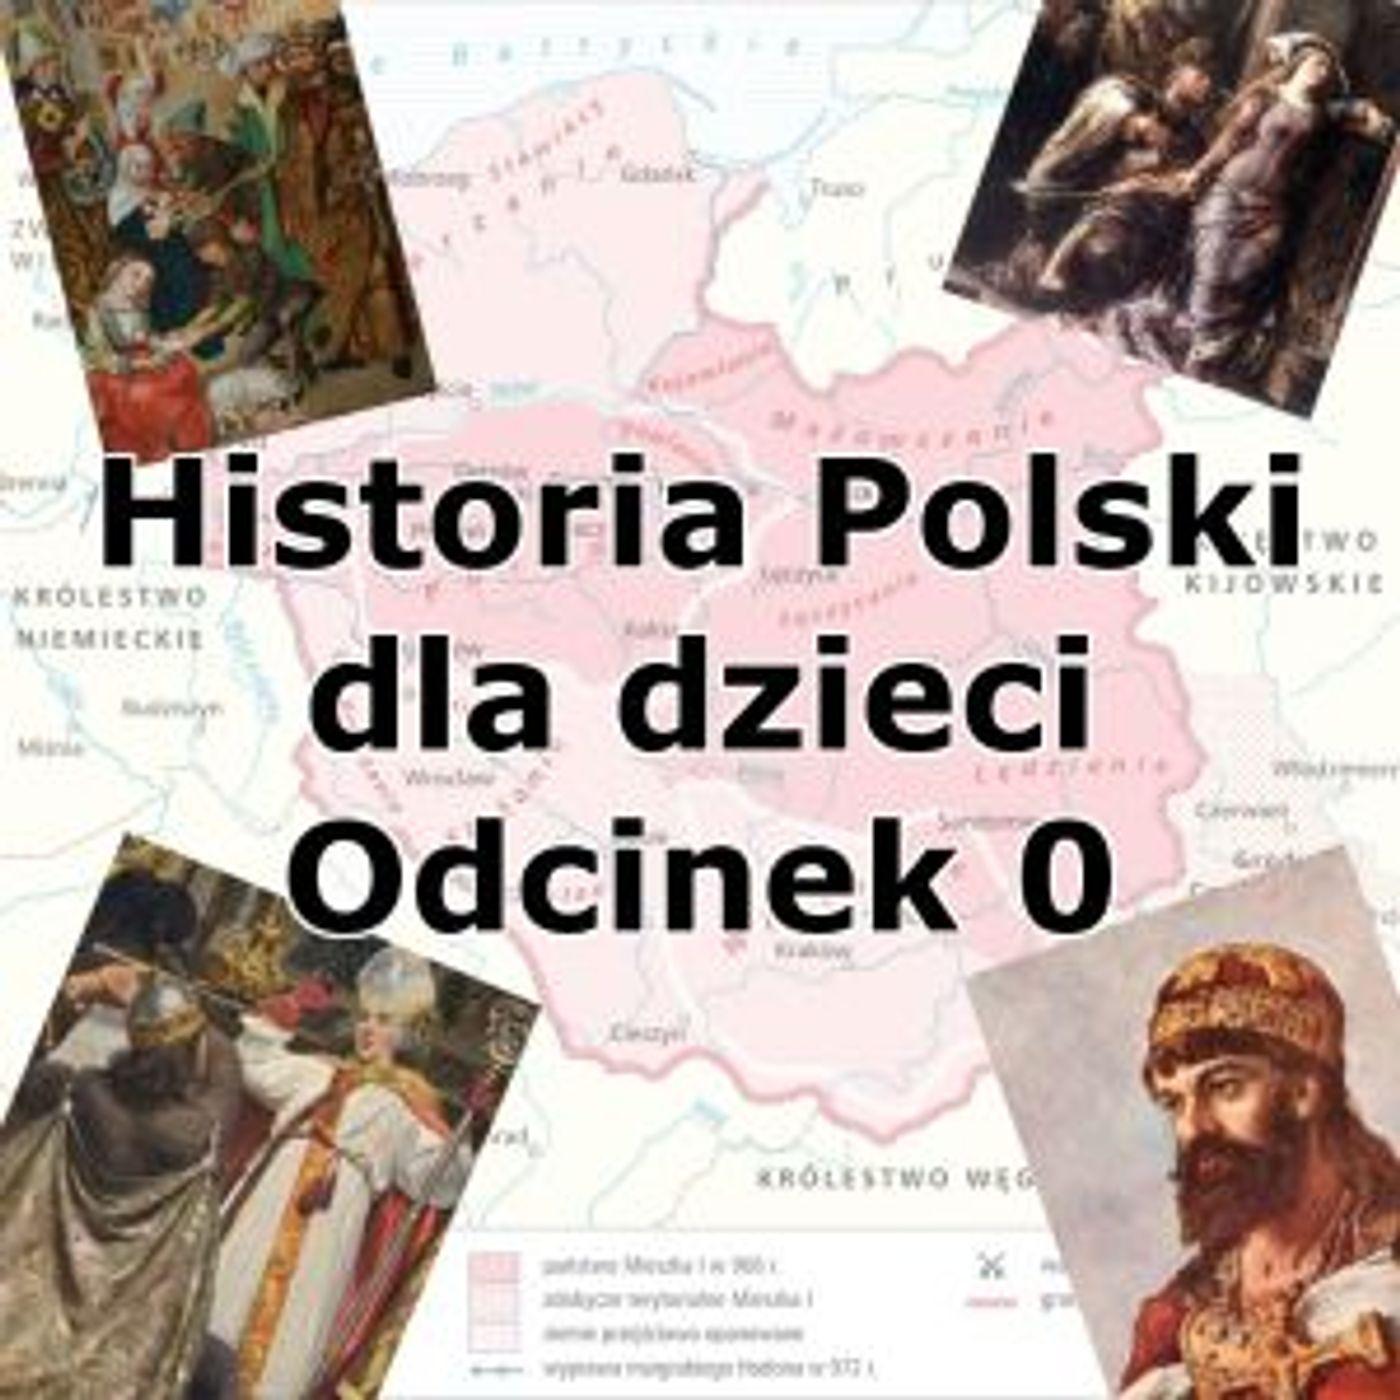 00 - Trochę o mnie i lekcjach historii